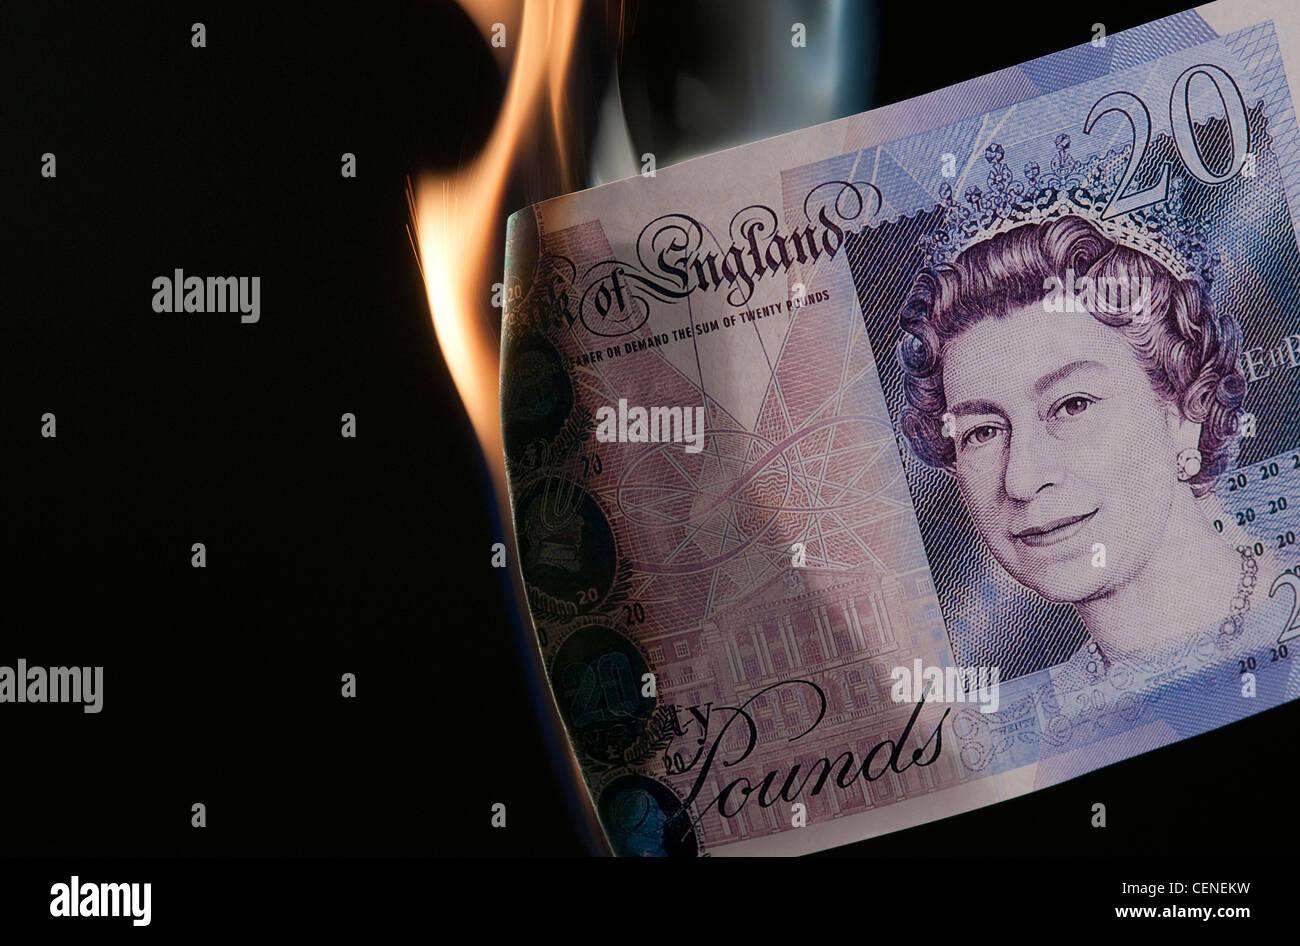 burning money - Stock Image